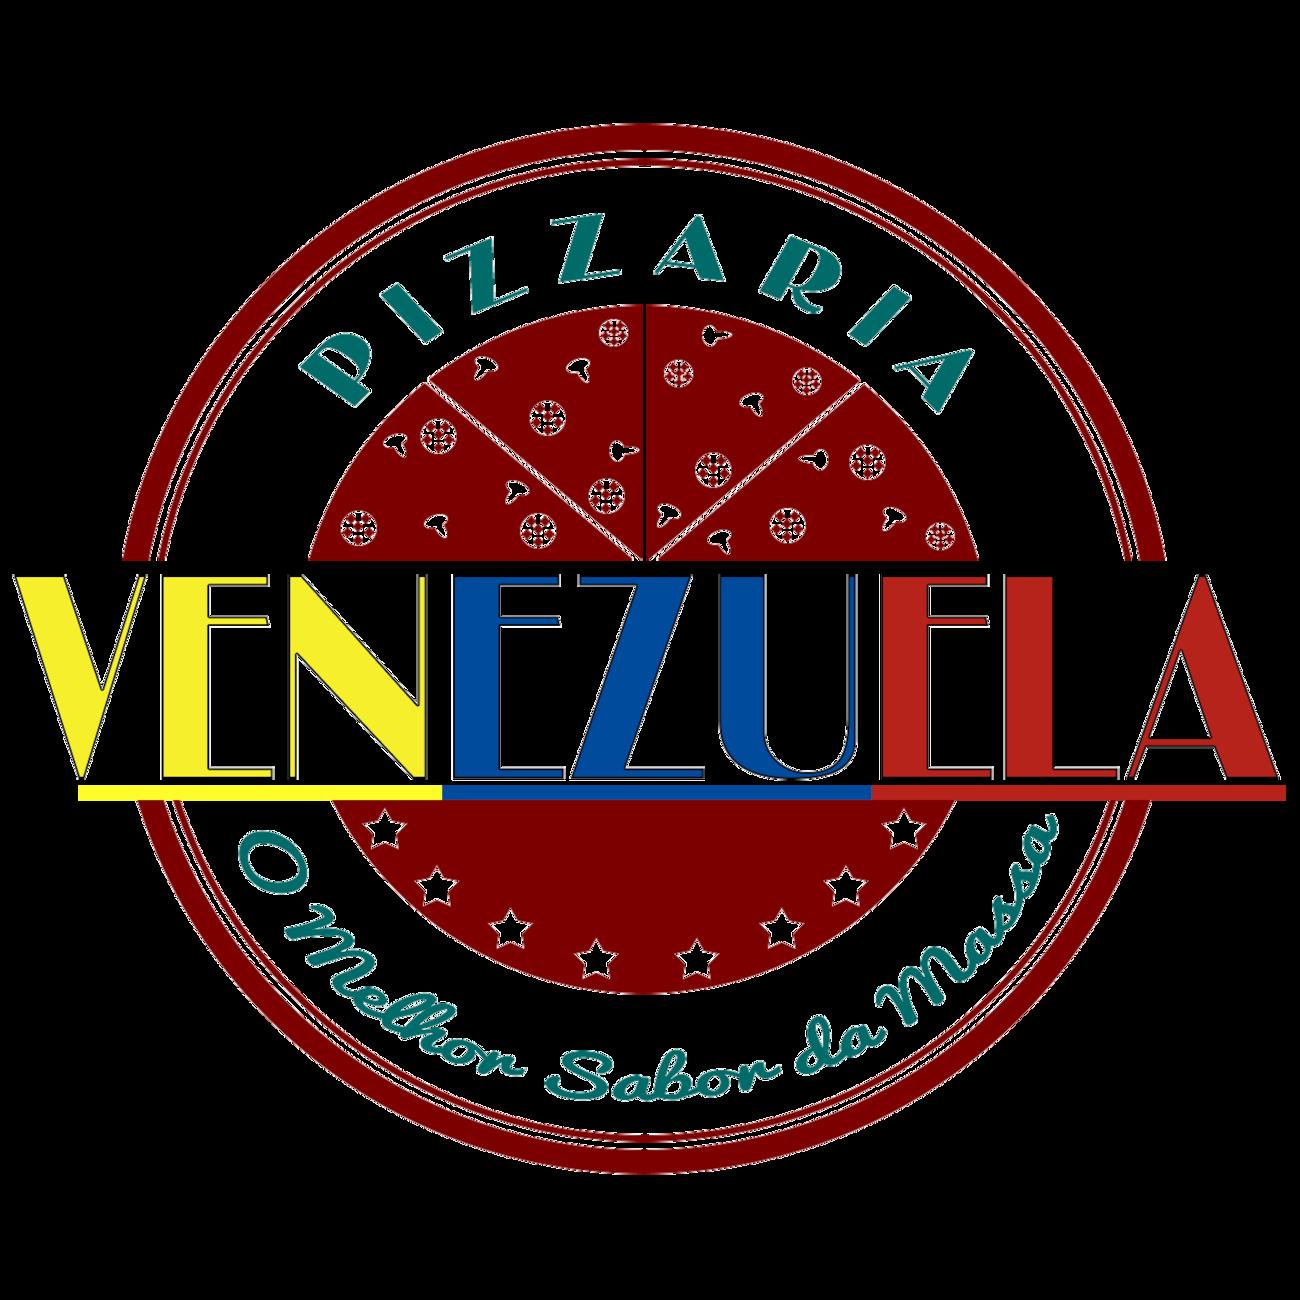 Pizzaria Venezuela